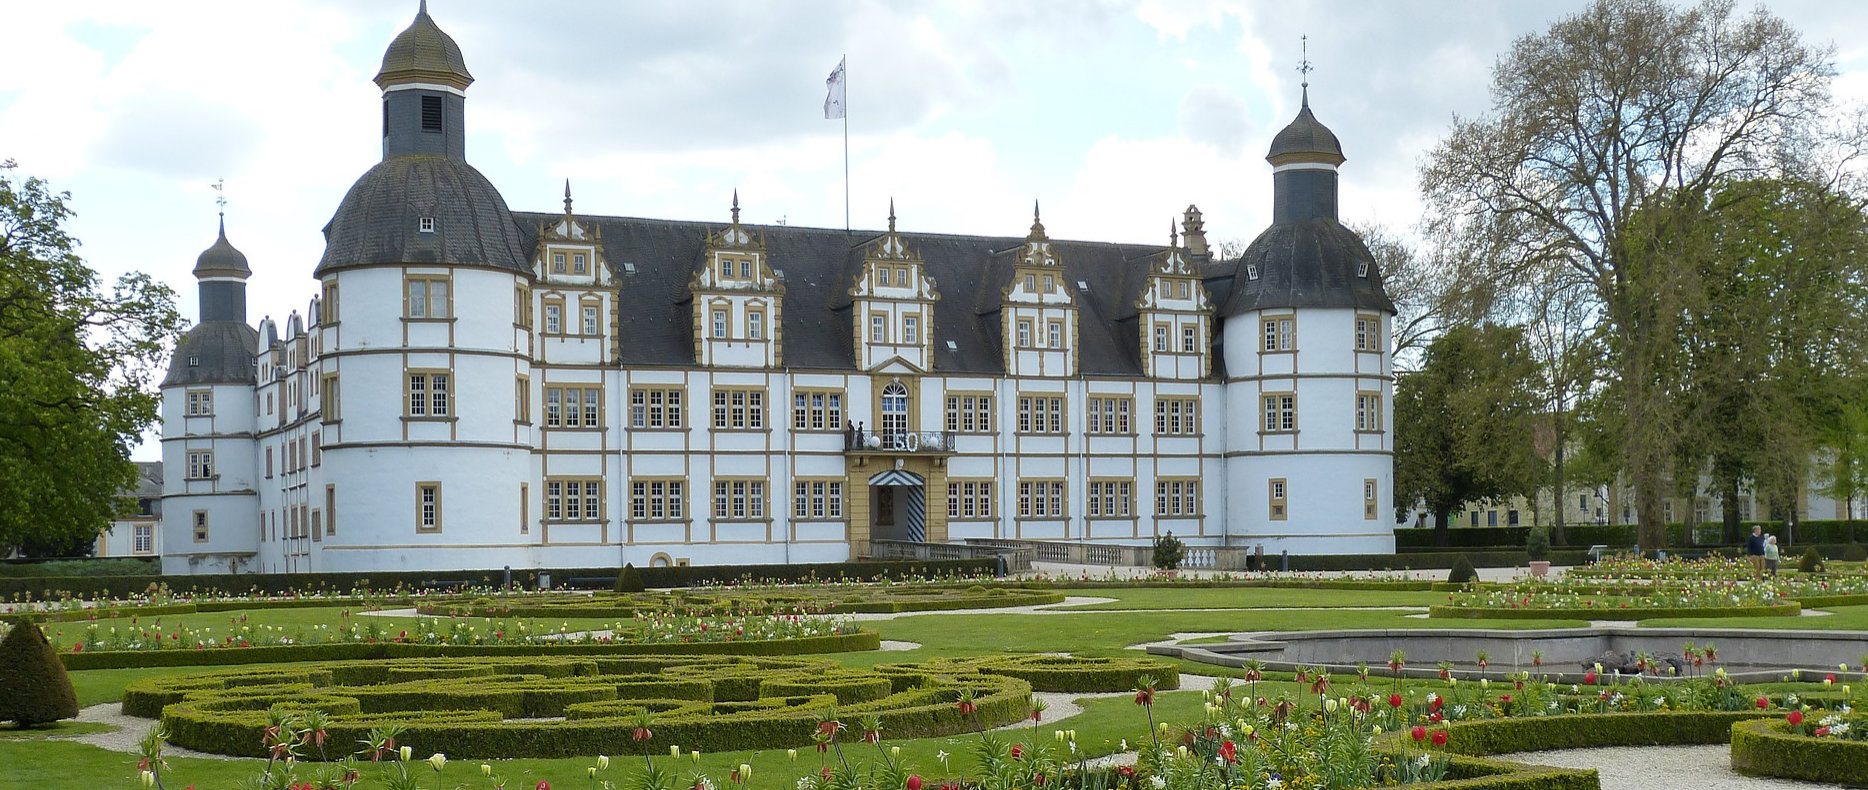 Ausflugsziele Paderborn Schloss Neuhaus Bad Lippspringe Salzkotten Wewelsburg